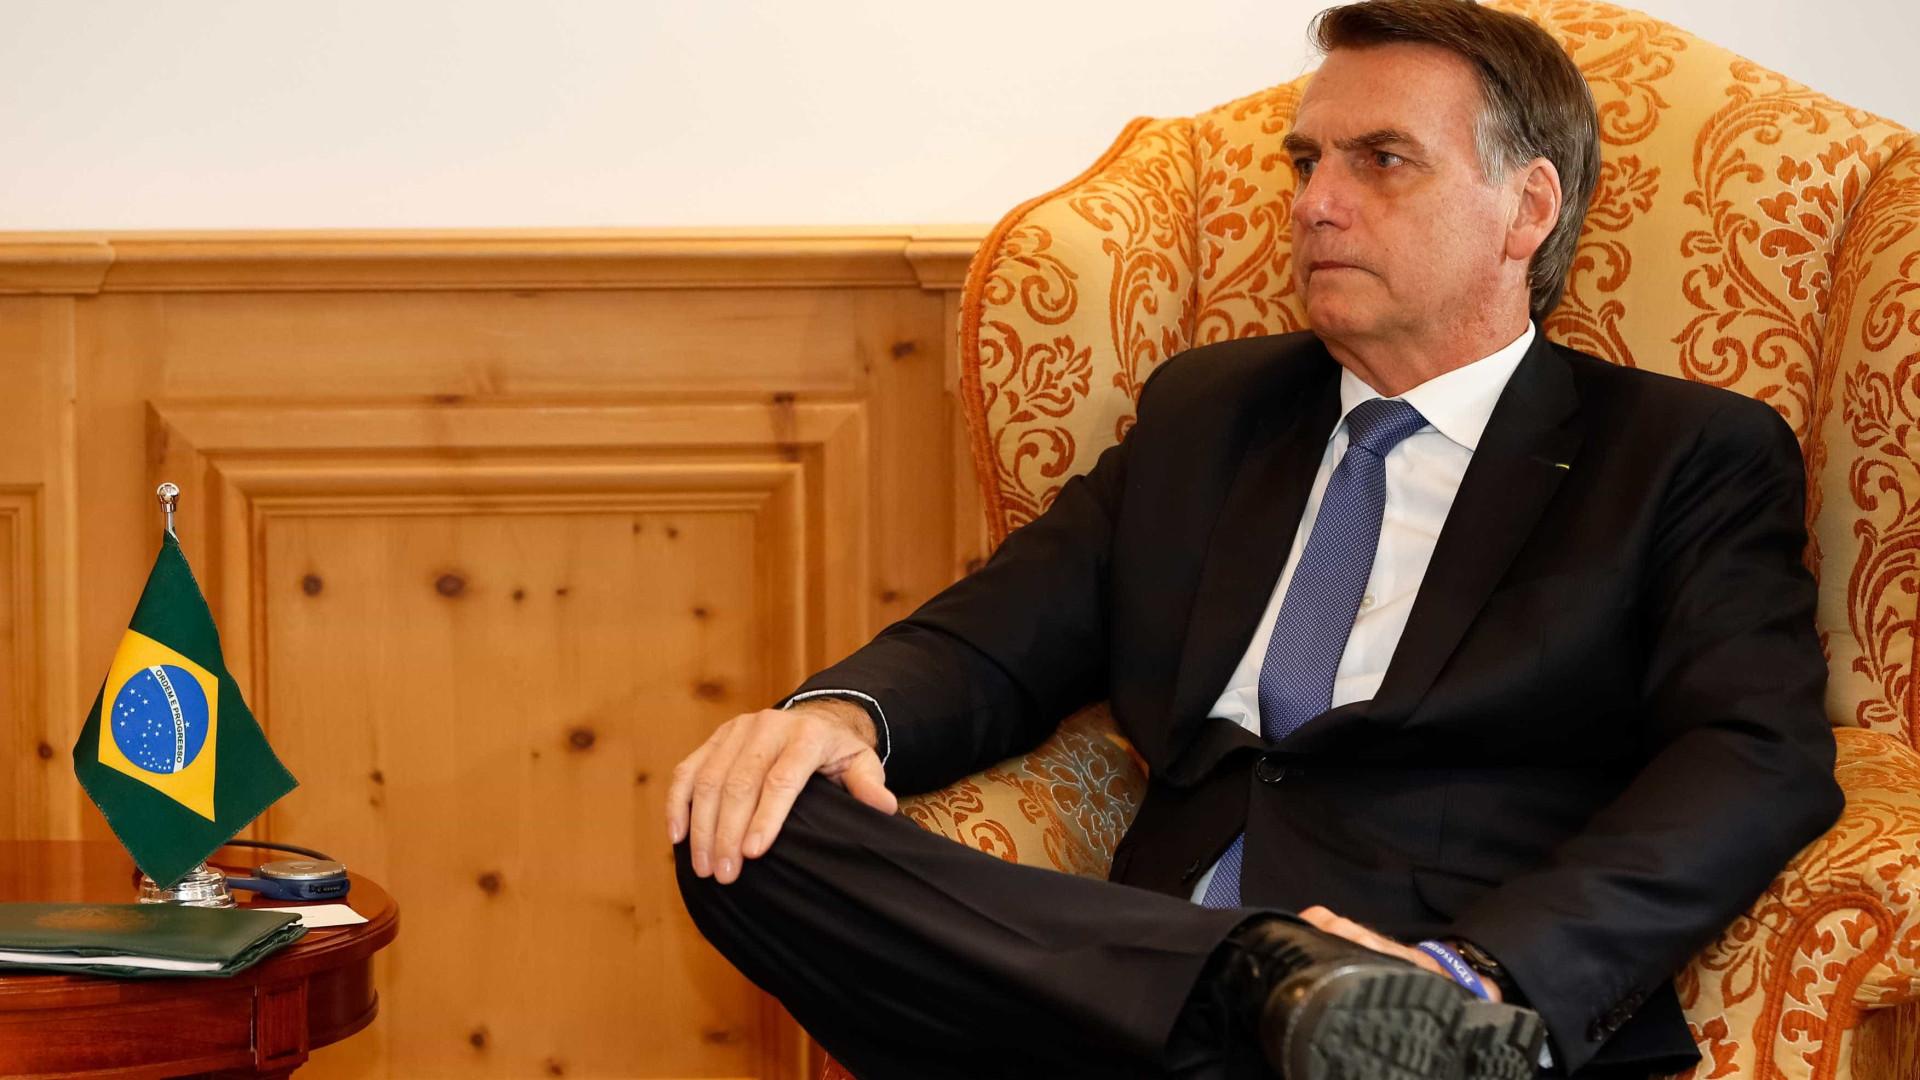 'Estamos determinados a mudar os rumos do país', diz Bolsonaro